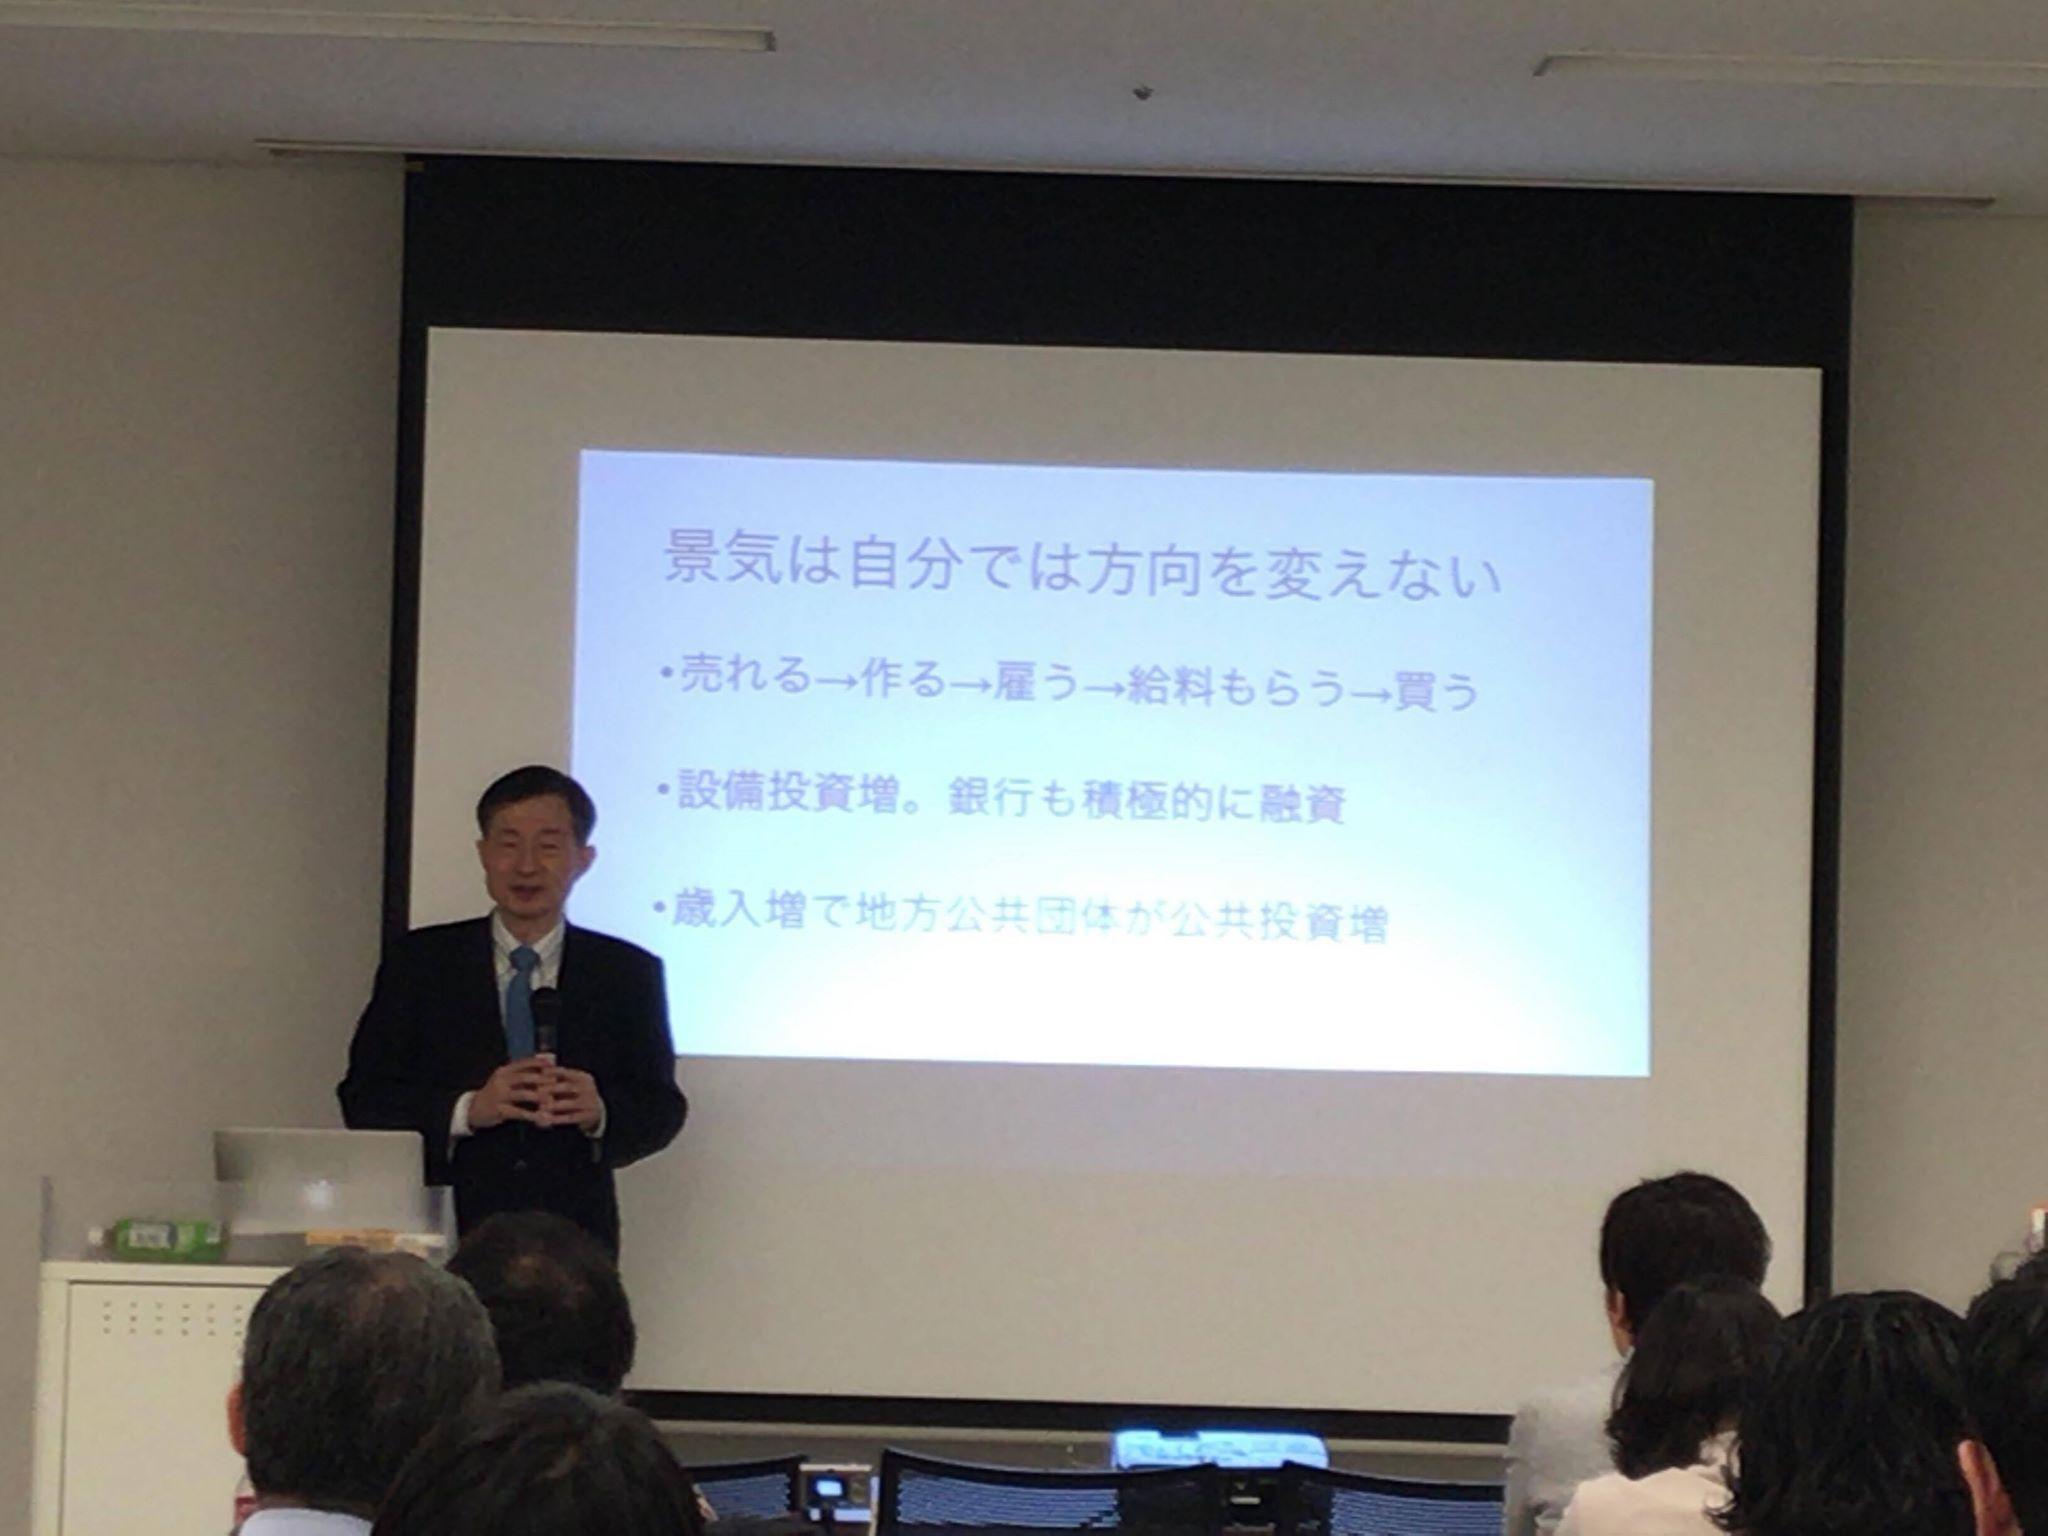 【会員用】11月11日開催・塚崎公義先生セミナー動画